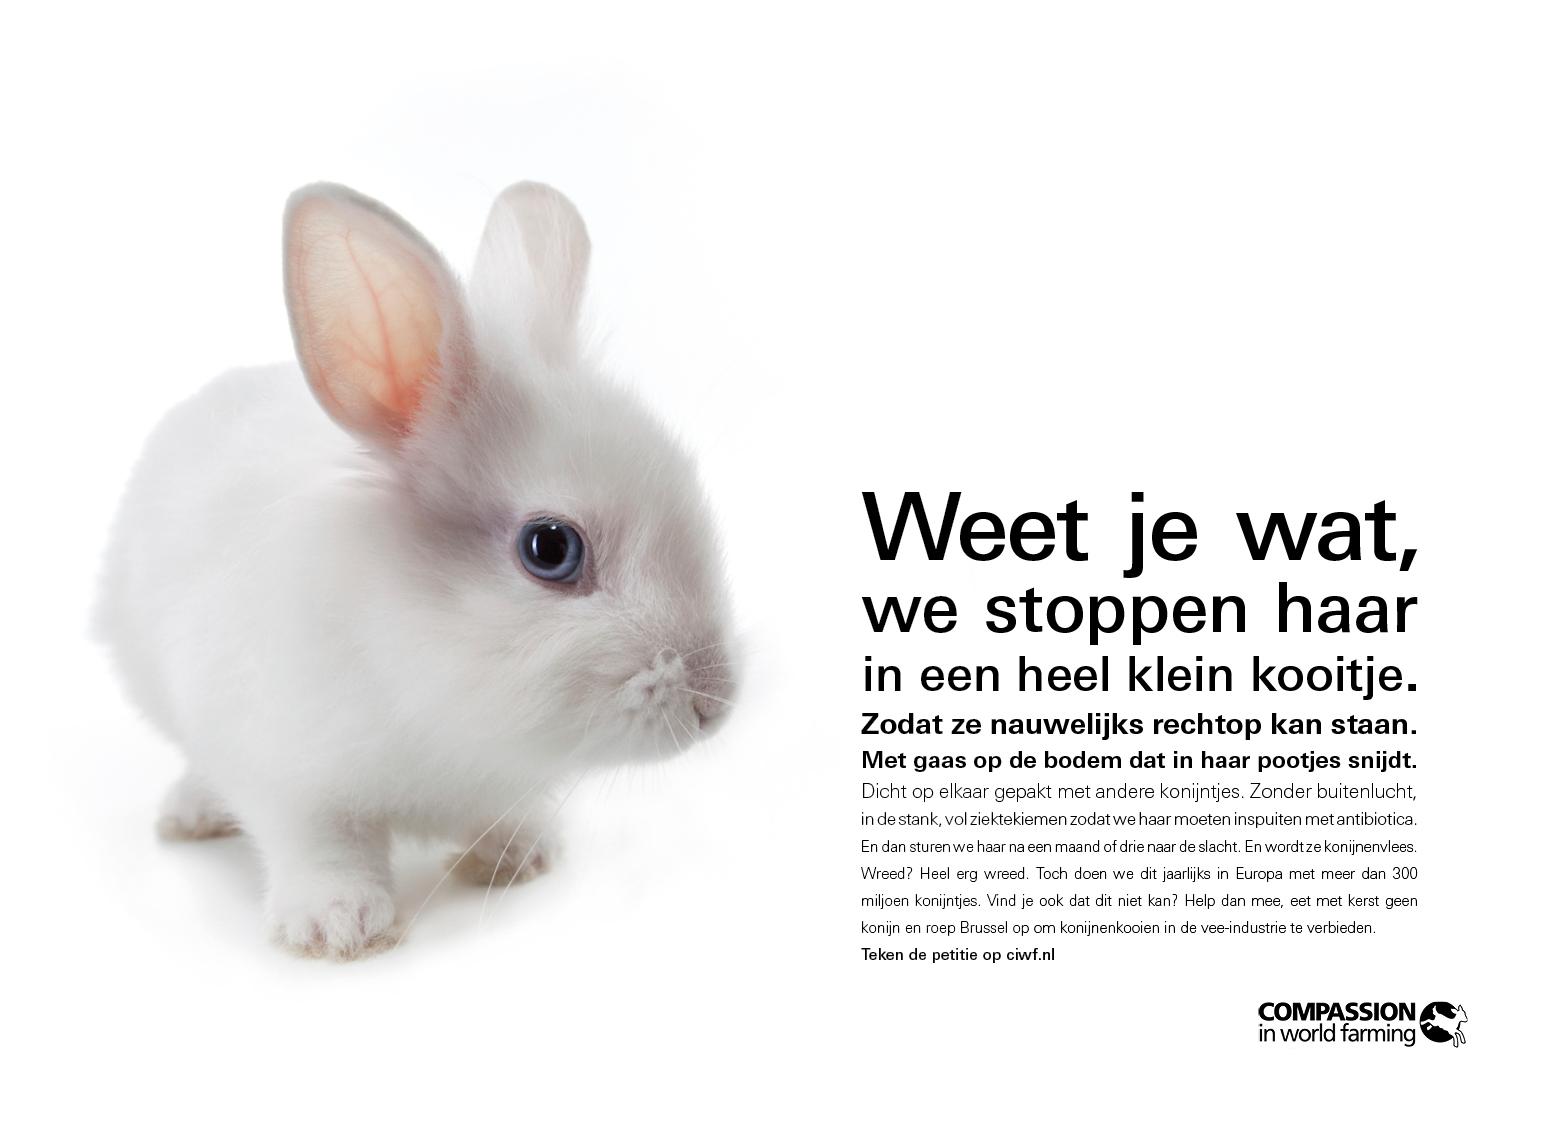 Verborgen konijnenleed met kerst op NS stations - Hart voor Dieren